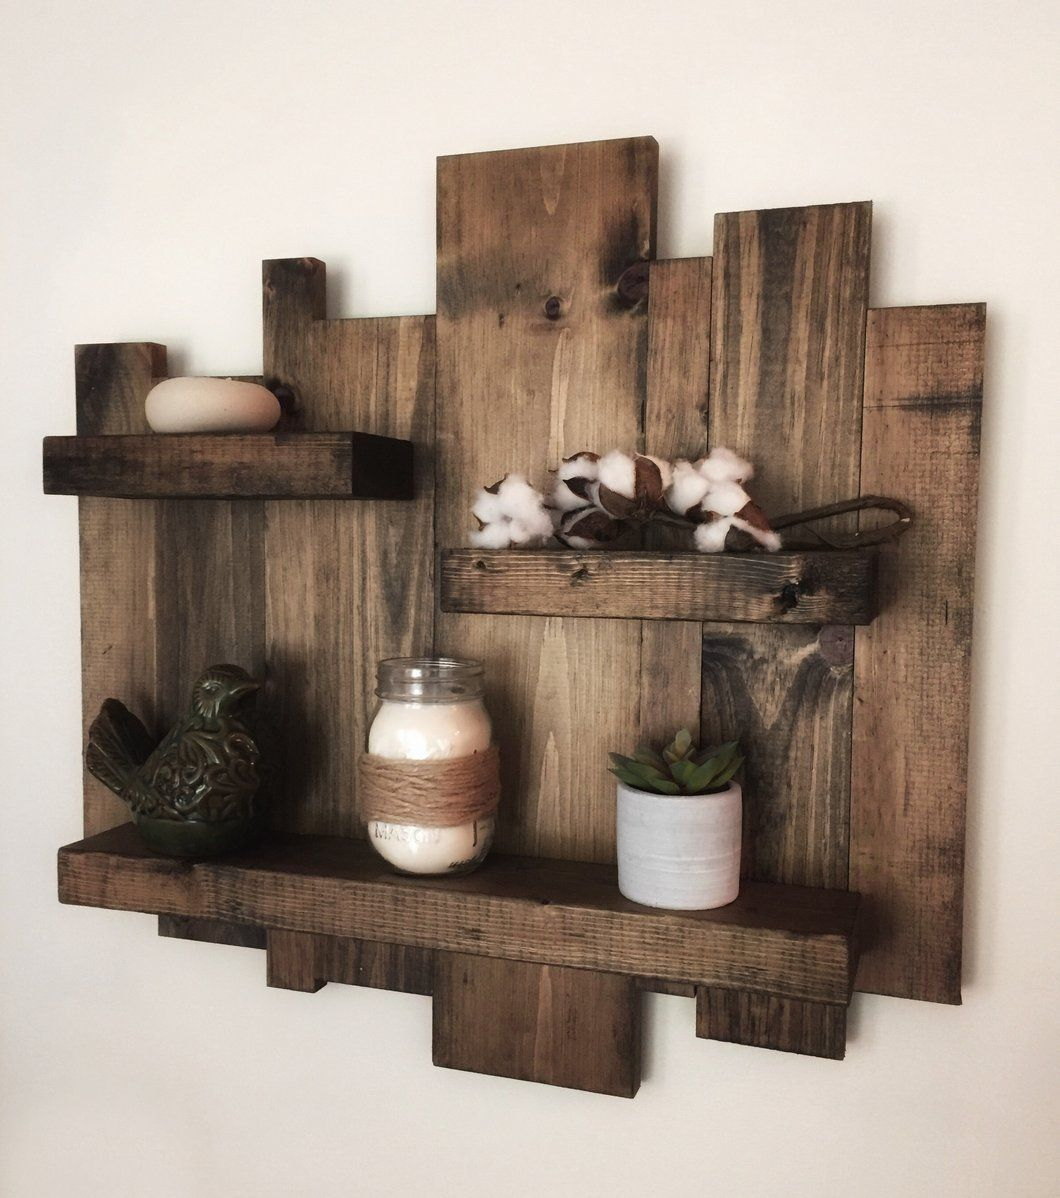 Scientific Home Furniture Checklist #furnituredecor #LivingRoomFurnitureSets #palletbedroomfurniture